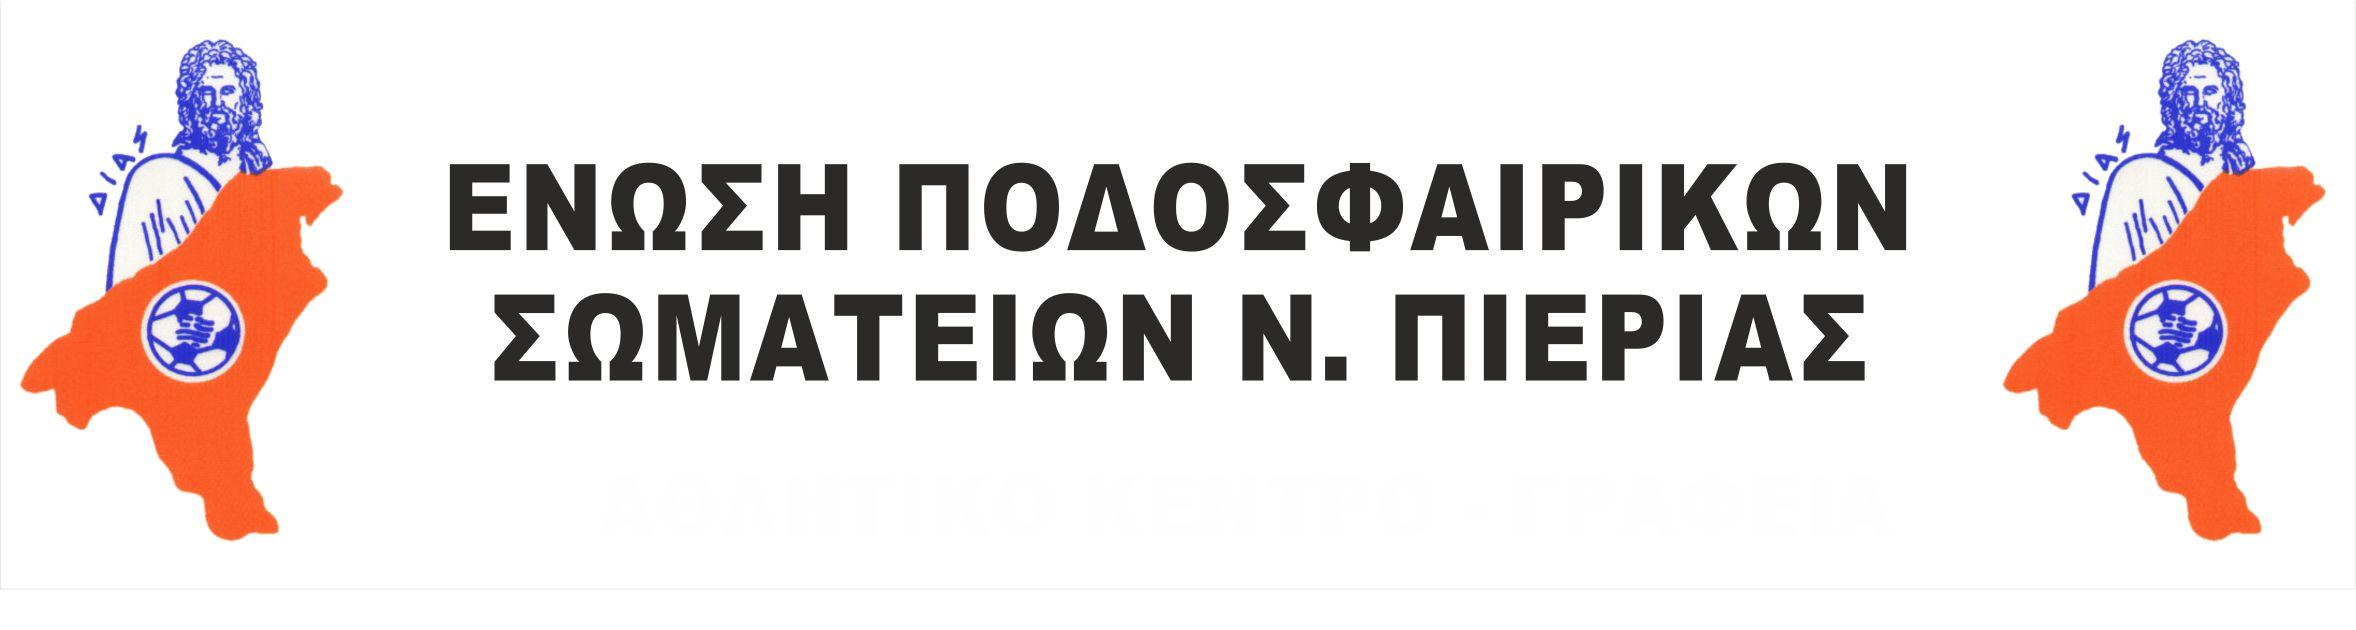 ΕΠΣ ΠΙΕΡΙΑΣ - Σχολή Διαιτησίας Ποδοσφαίρου